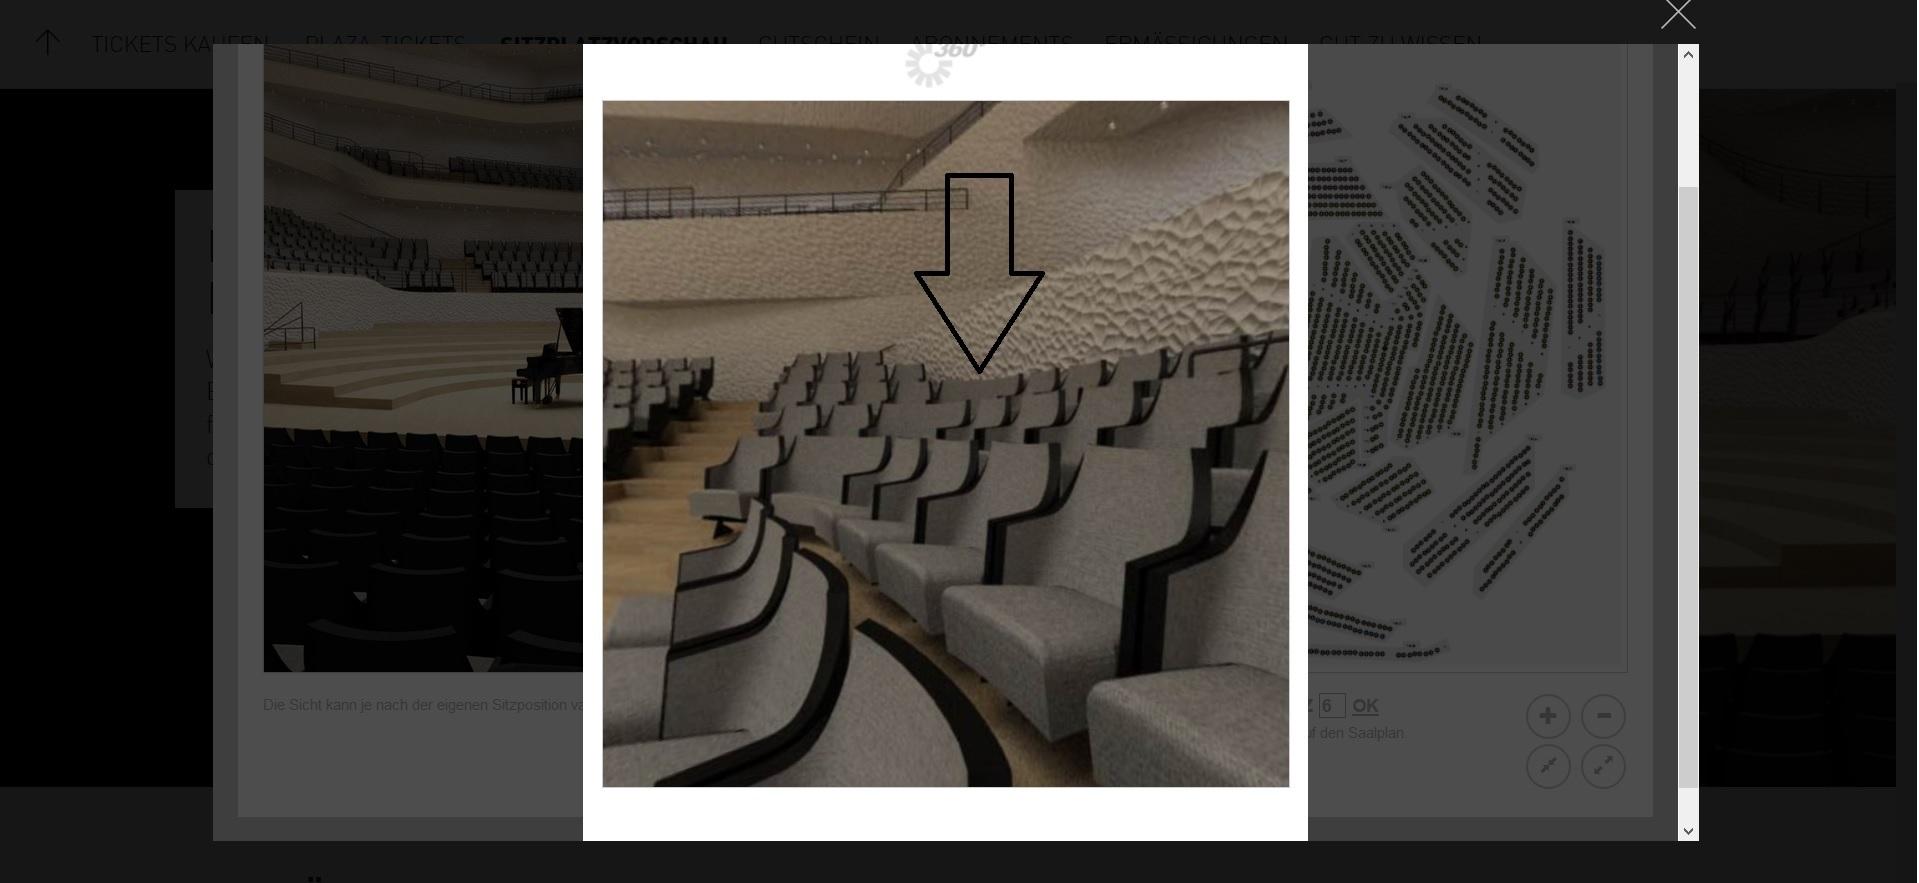 Der beste Platz in der Elbphilharmonie